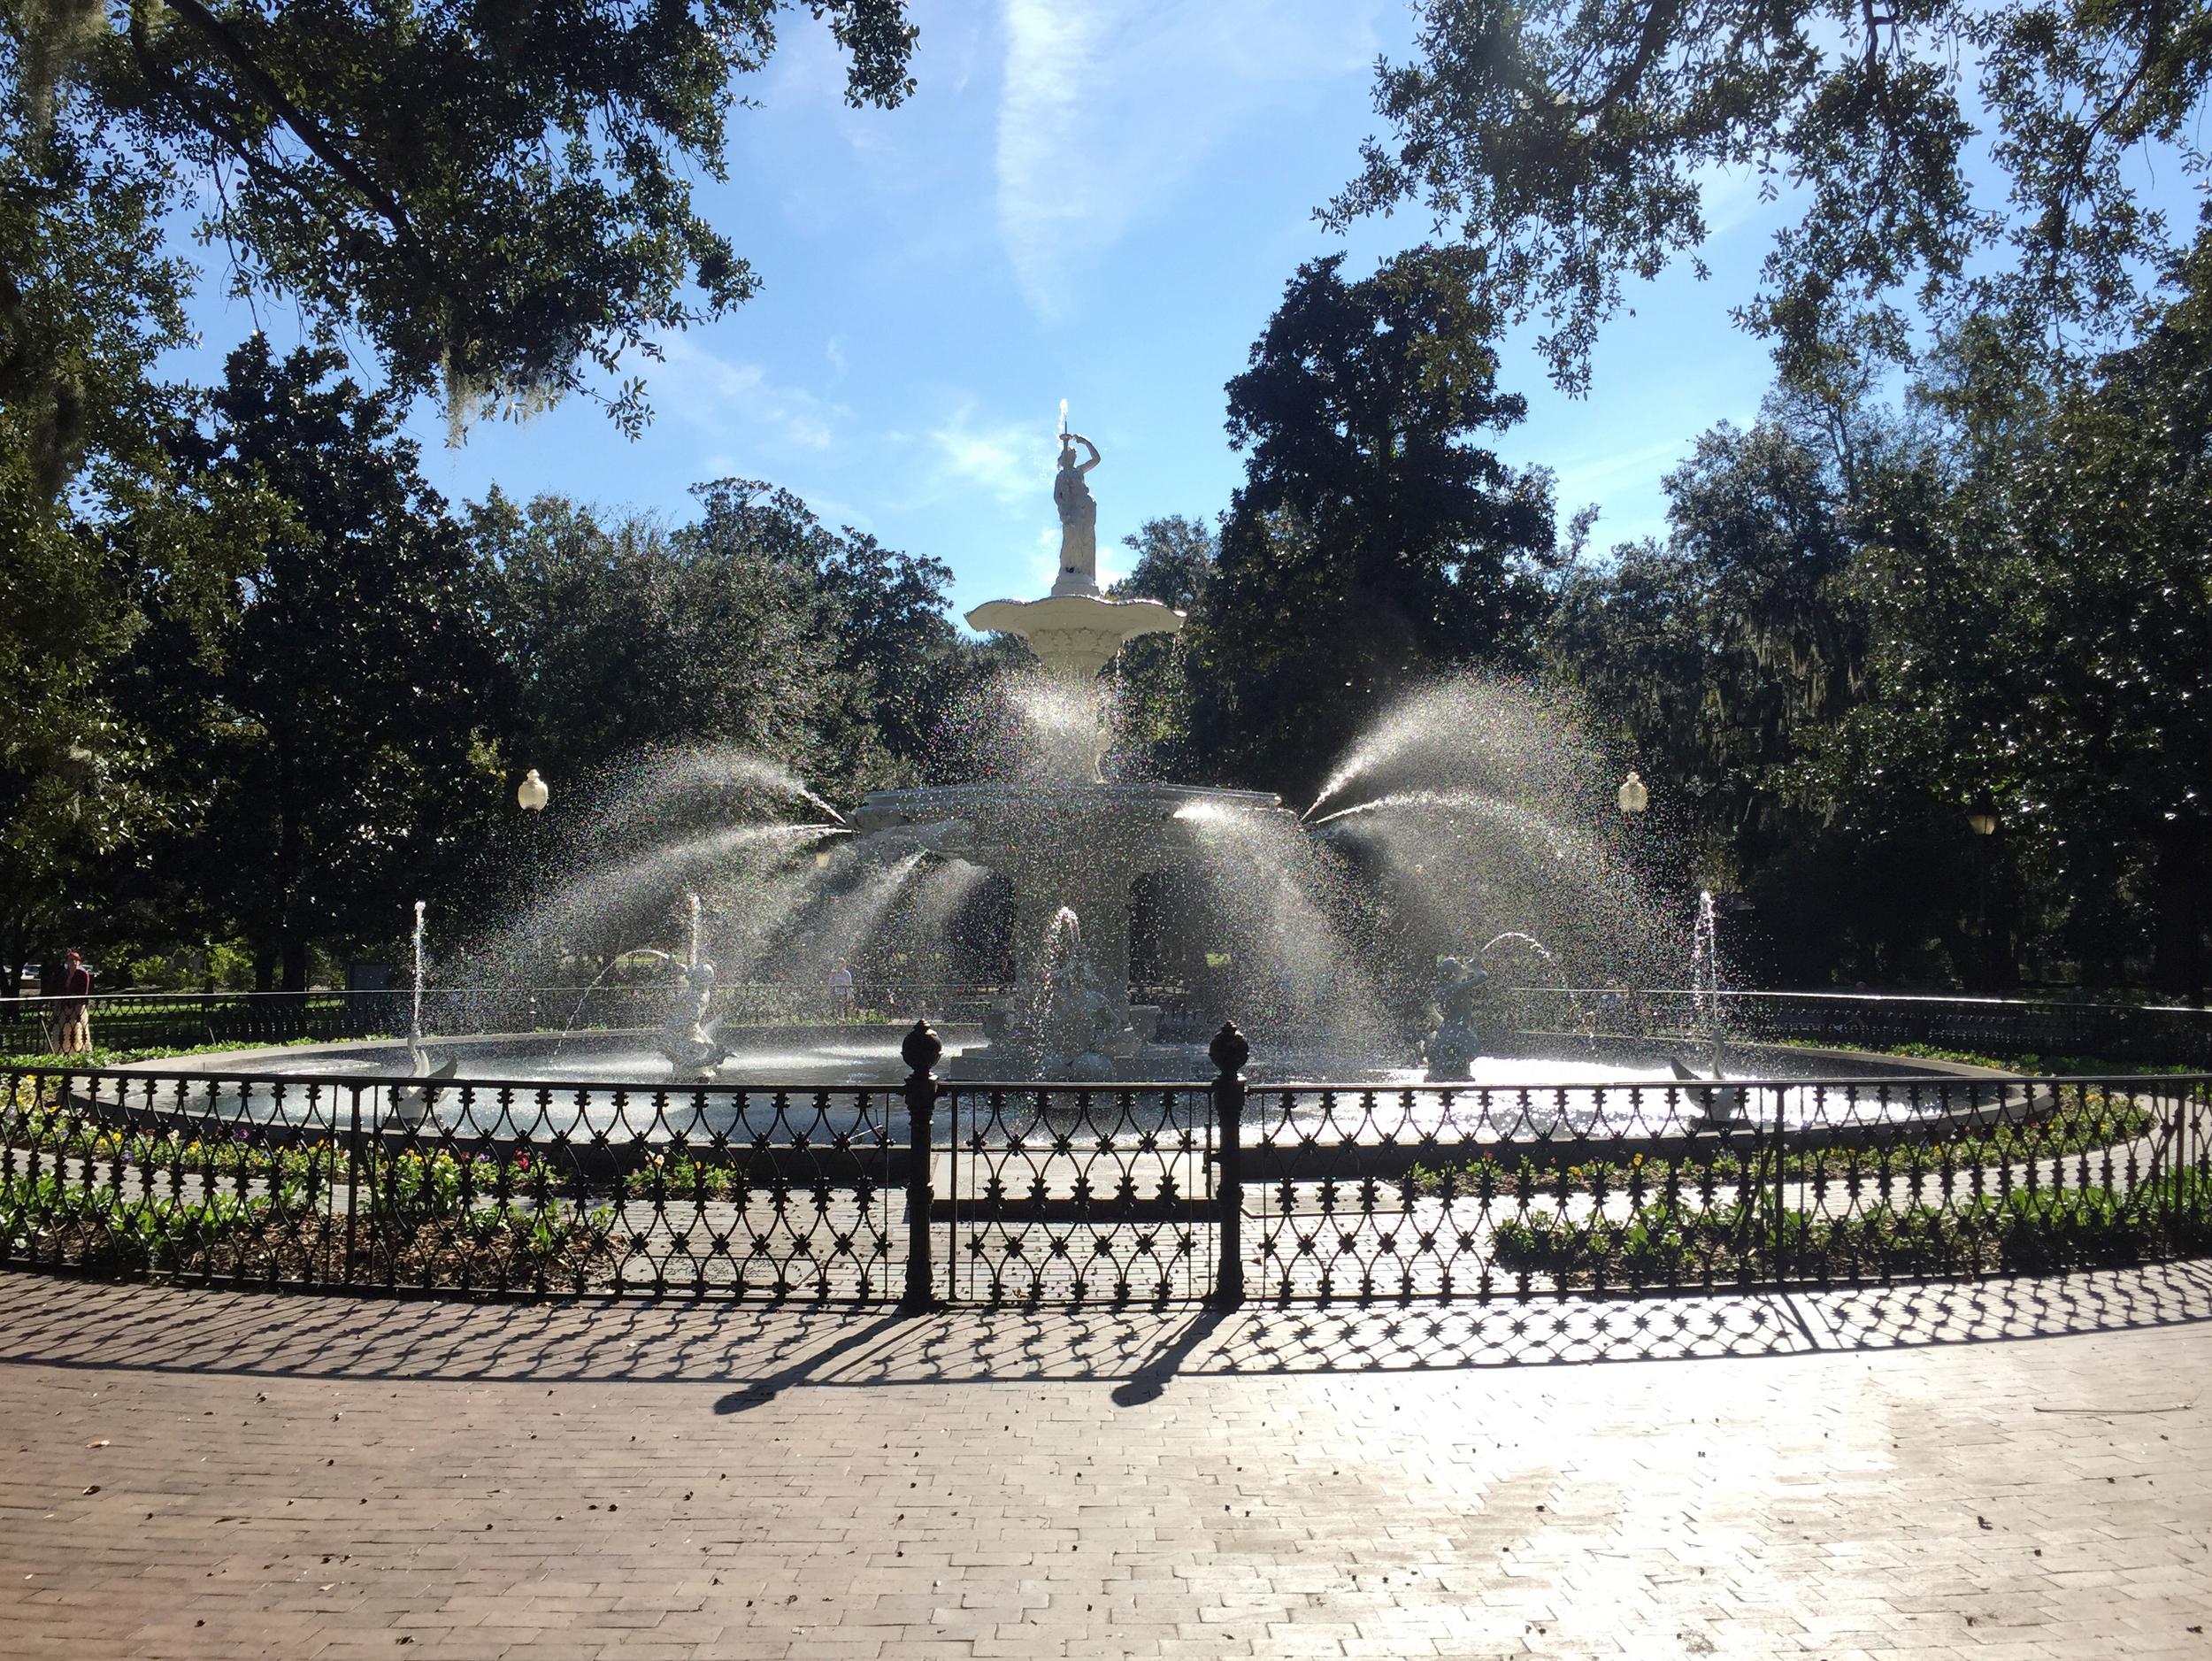 Fountain at Forsyth Park.